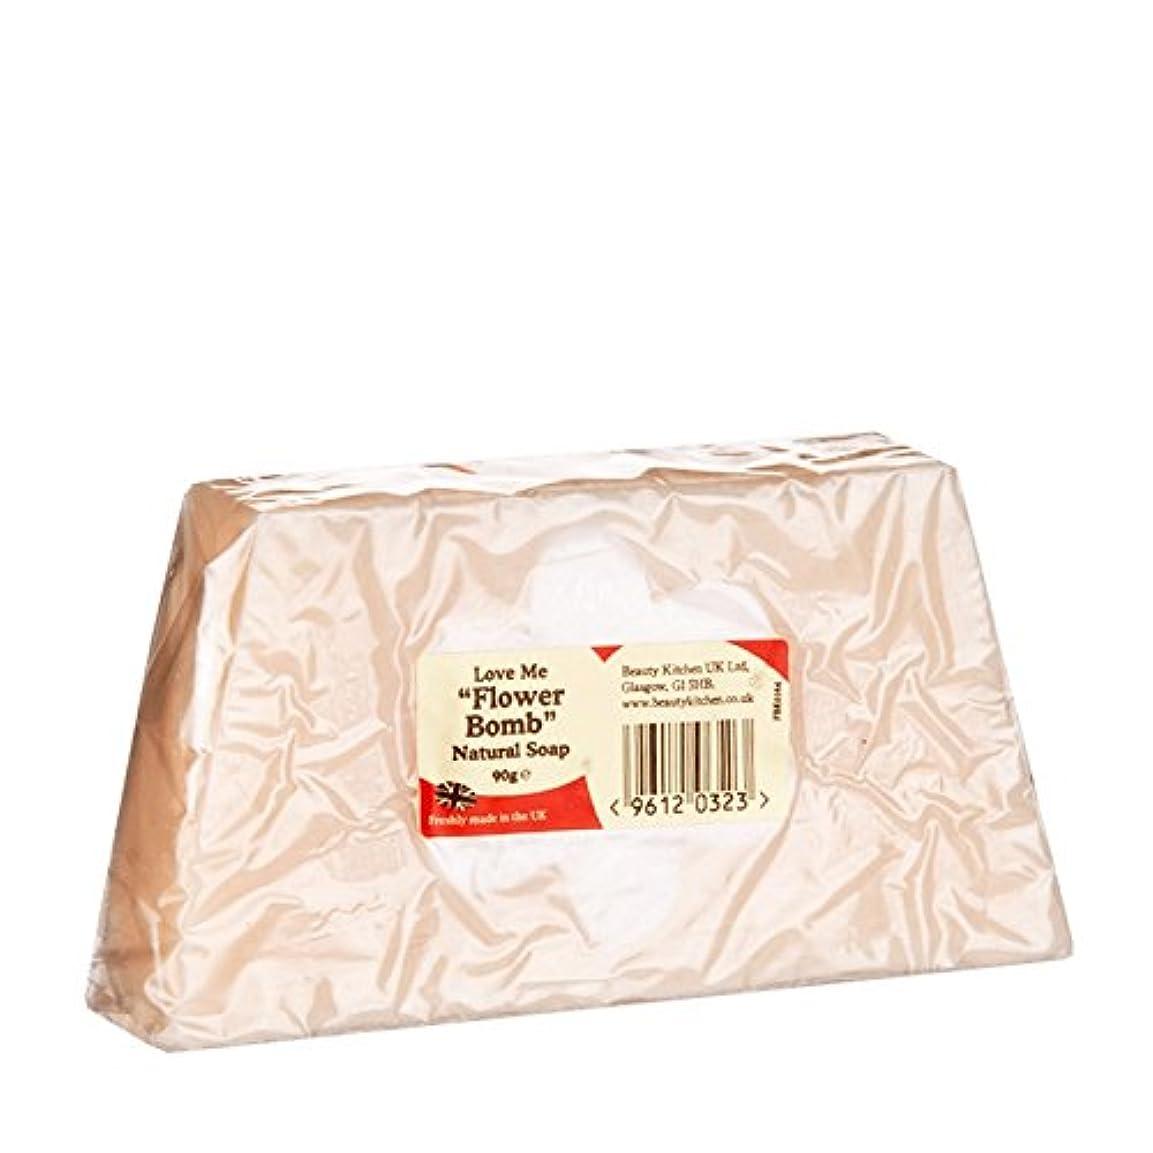 不適凍った動かないBeauty Kitchen Love Me Flower Bomb Natural Soap 90g (Pack of 6) - 美しさのキッチンは私に花爆弾の天然石鹸90グラムを愛し (x6) [並行輸入品]